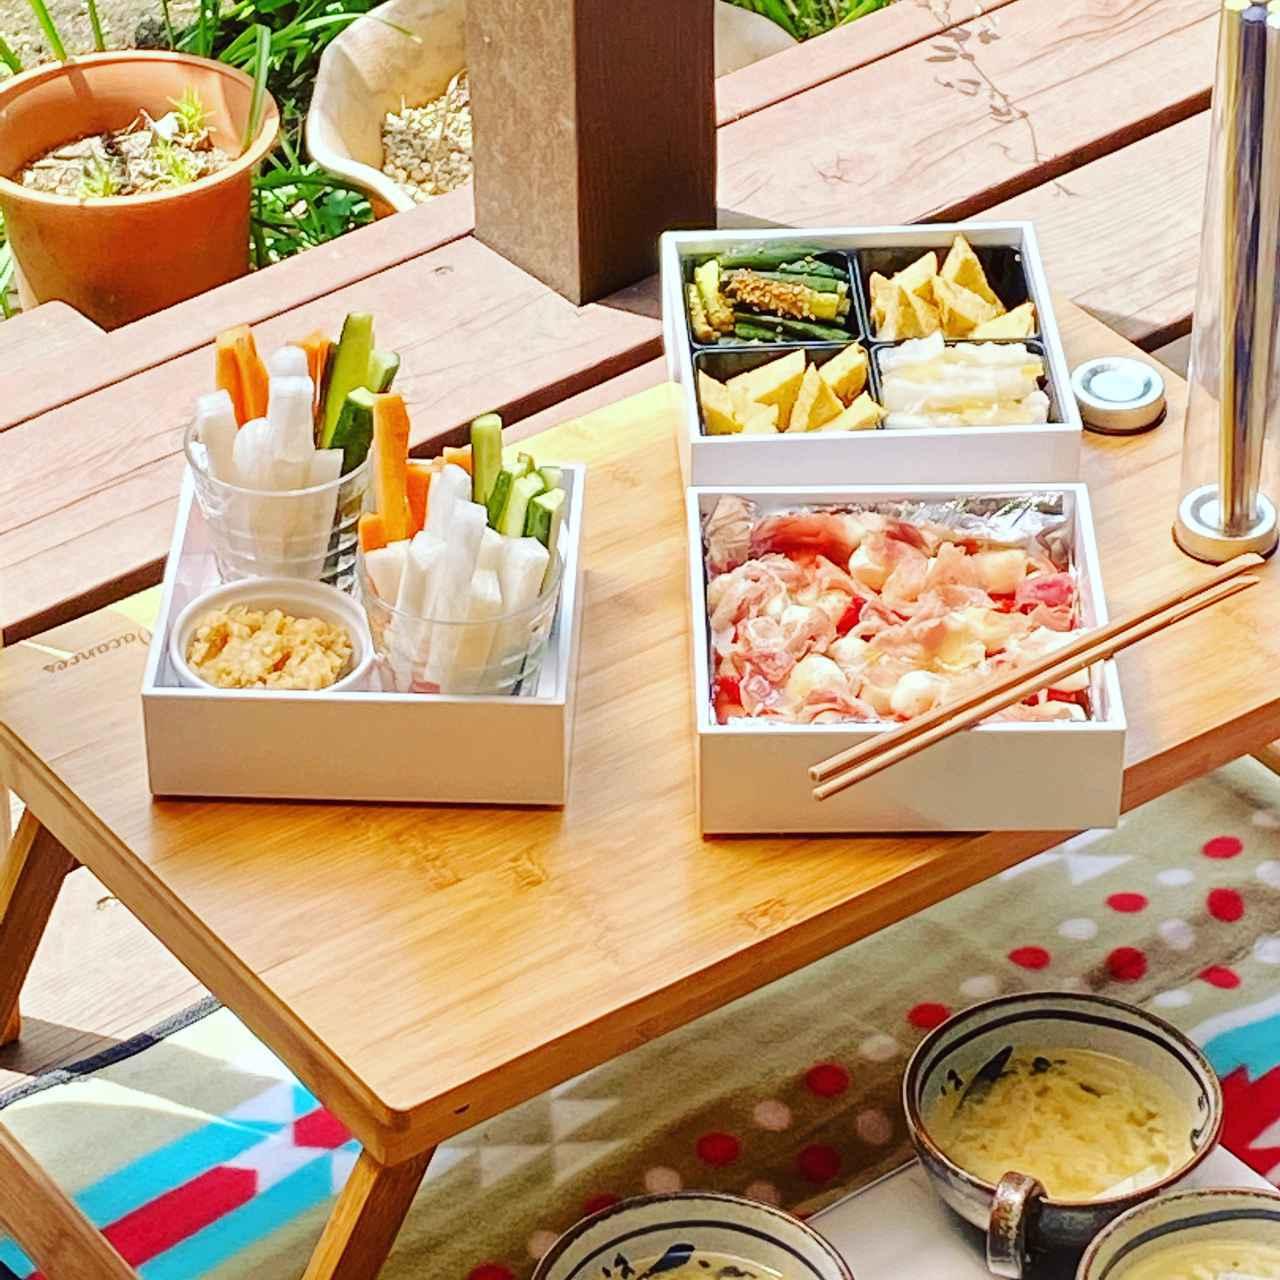 画像: おすすめは 折り畳みテーブル&レジャーシート を活用したベランダピクニック